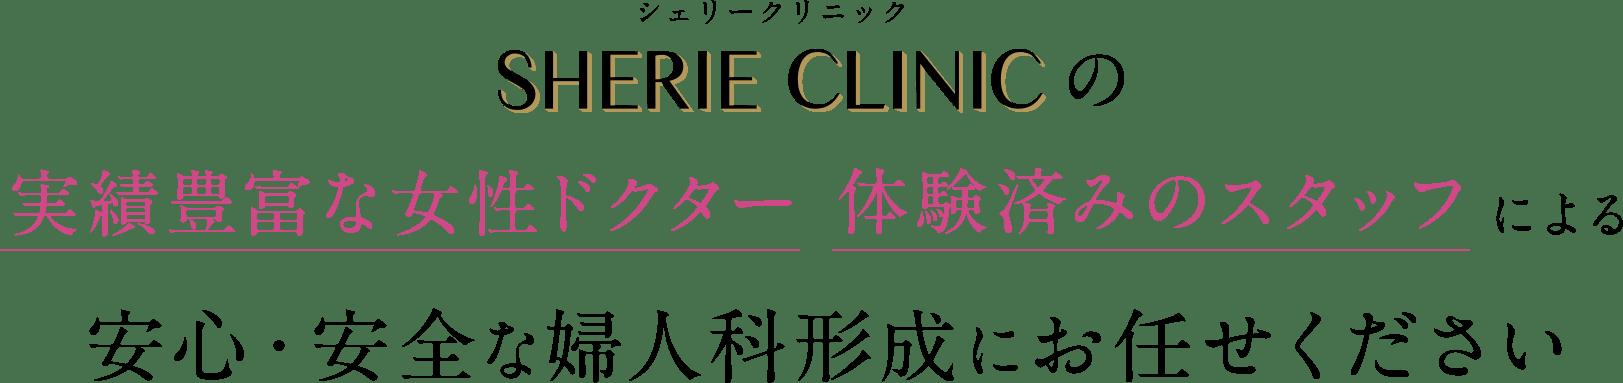 SHERIE CLINICの実績豊富なドクター 体験済みのスタッフによる安心・安全な婦人科形成にお任せください